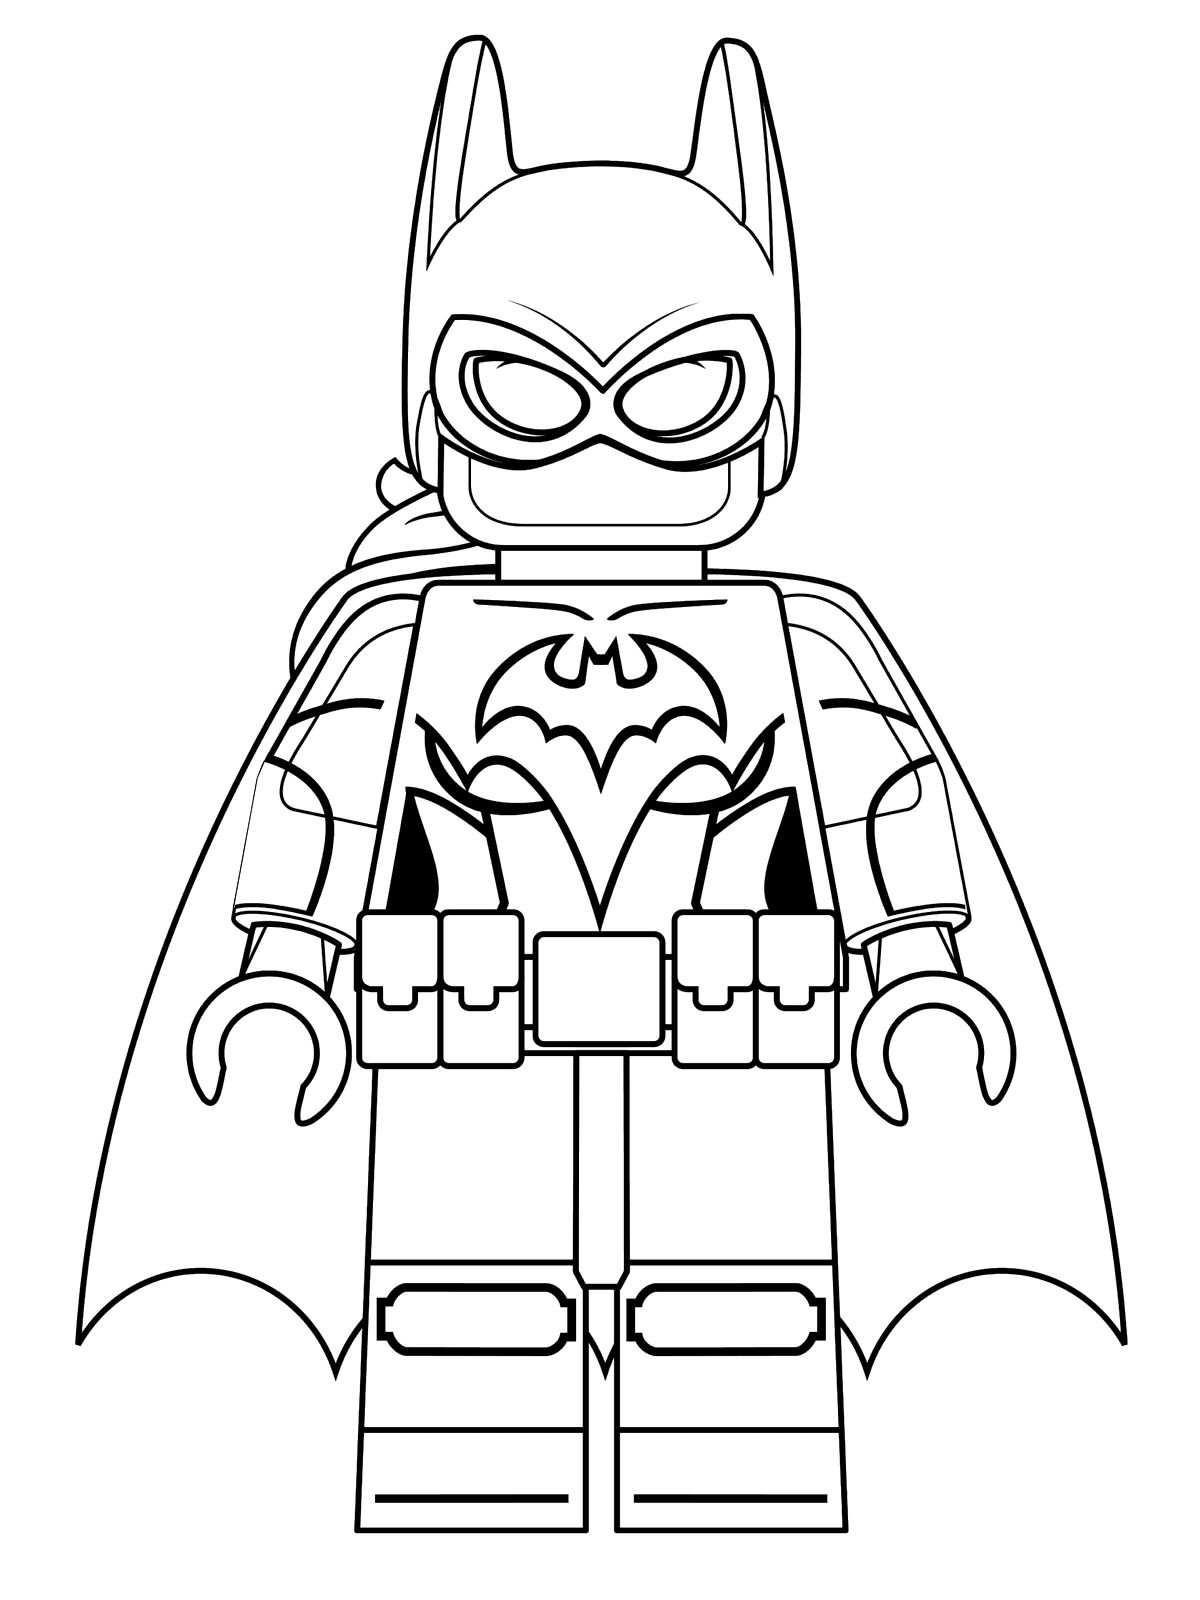 Lego Batman Malvorlagen Malvorlagen1001de